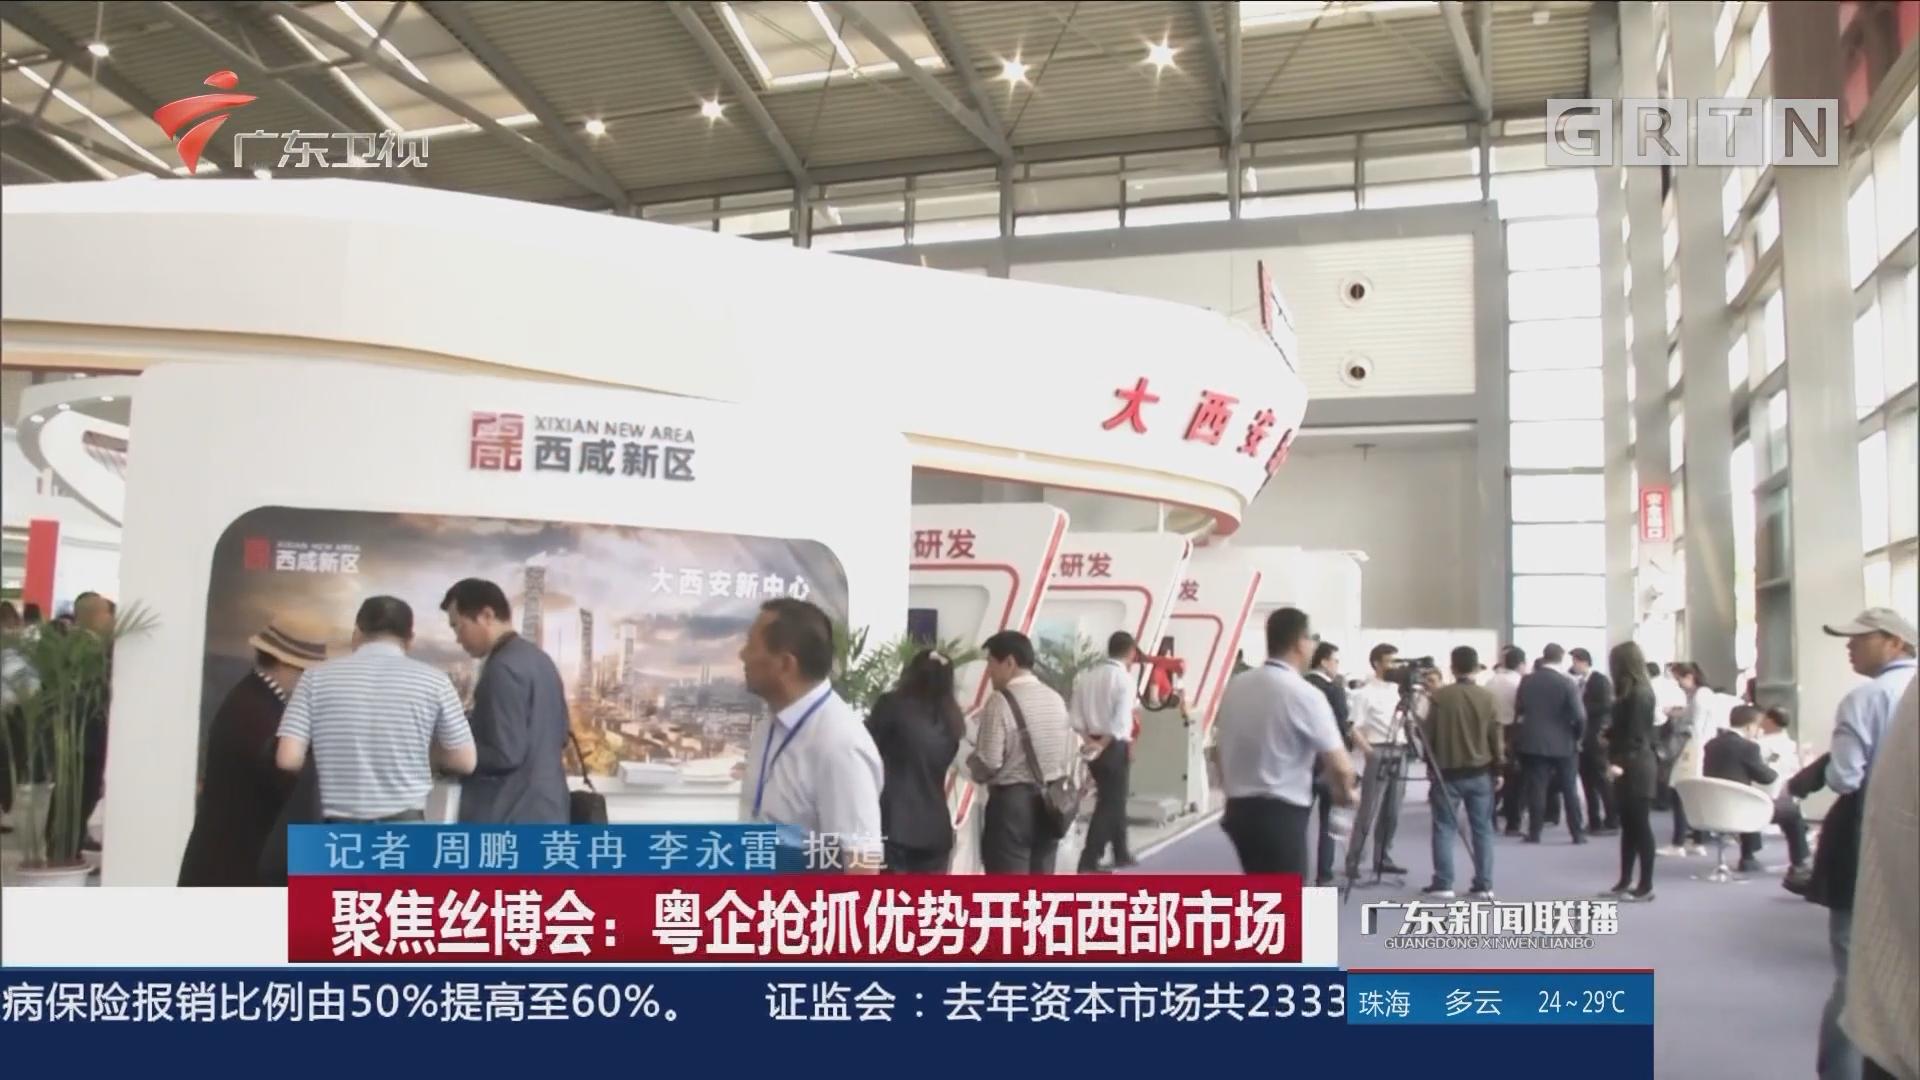 聚焦丝博会:粤企抢抓优势开拓西部市场